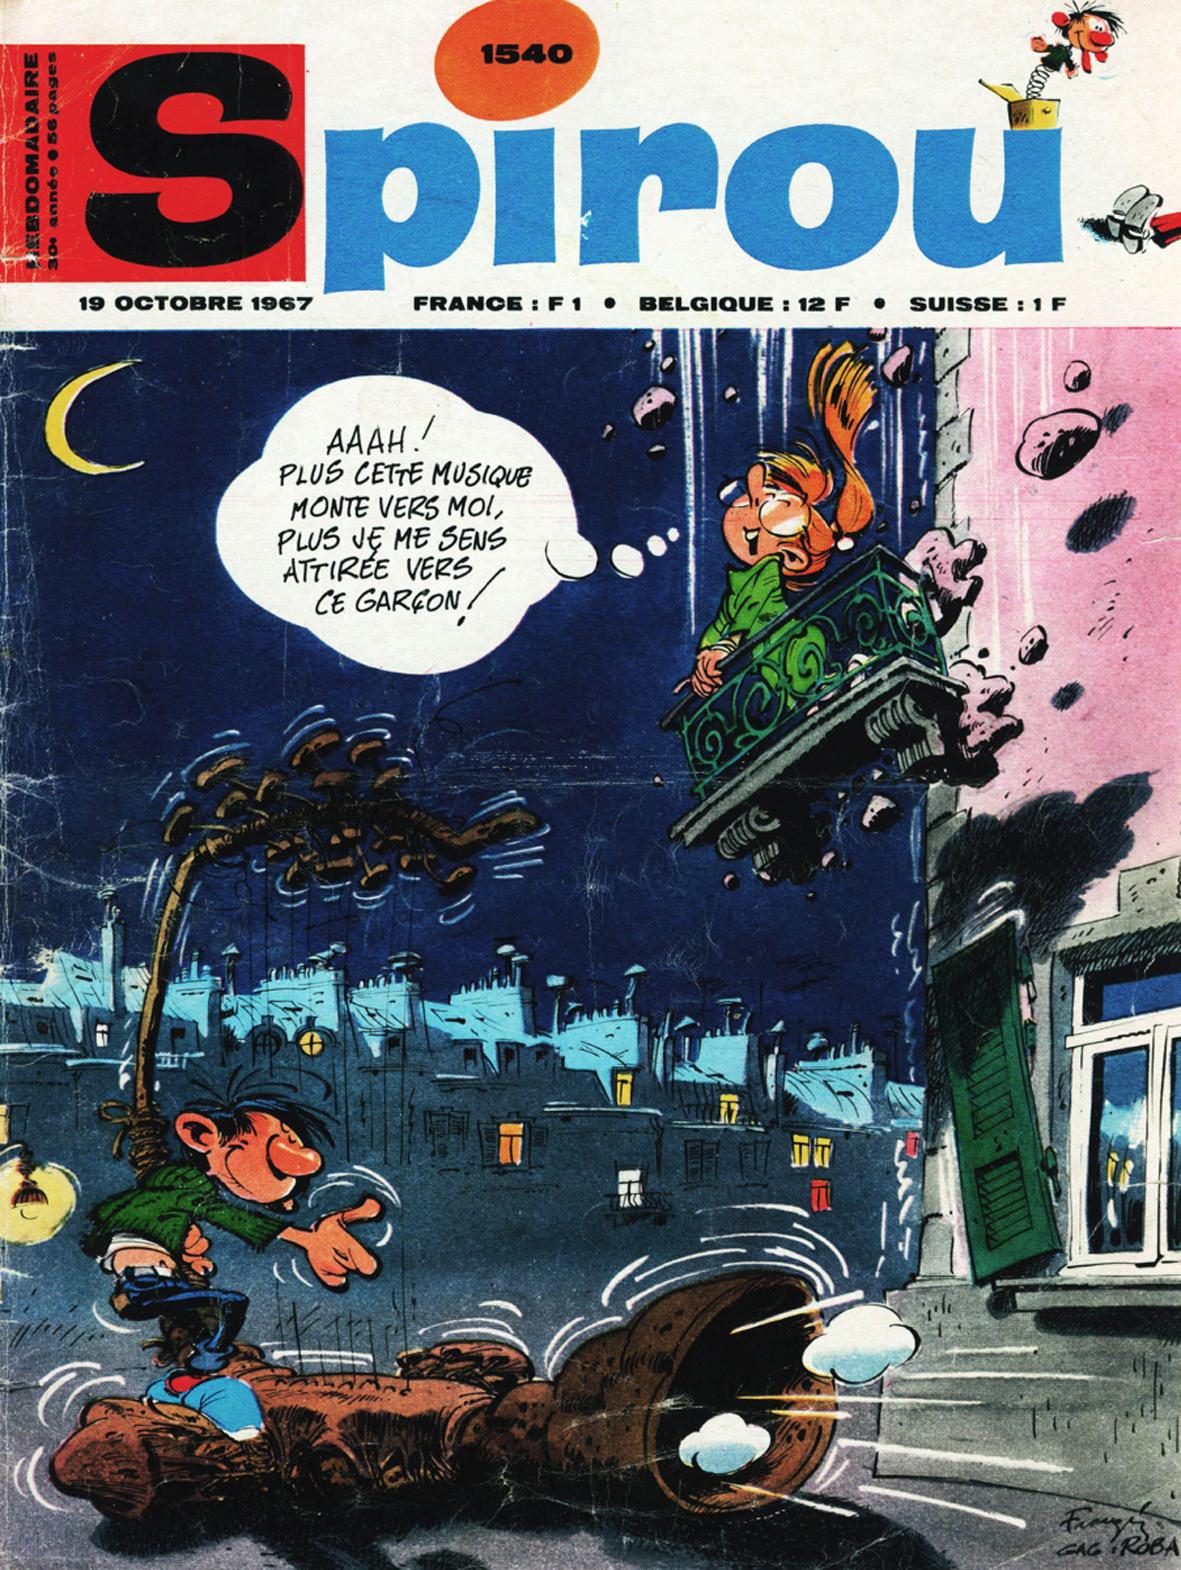 Couverture de Franquin pour le journal Spirou n°1540 (19 octobre 1967)